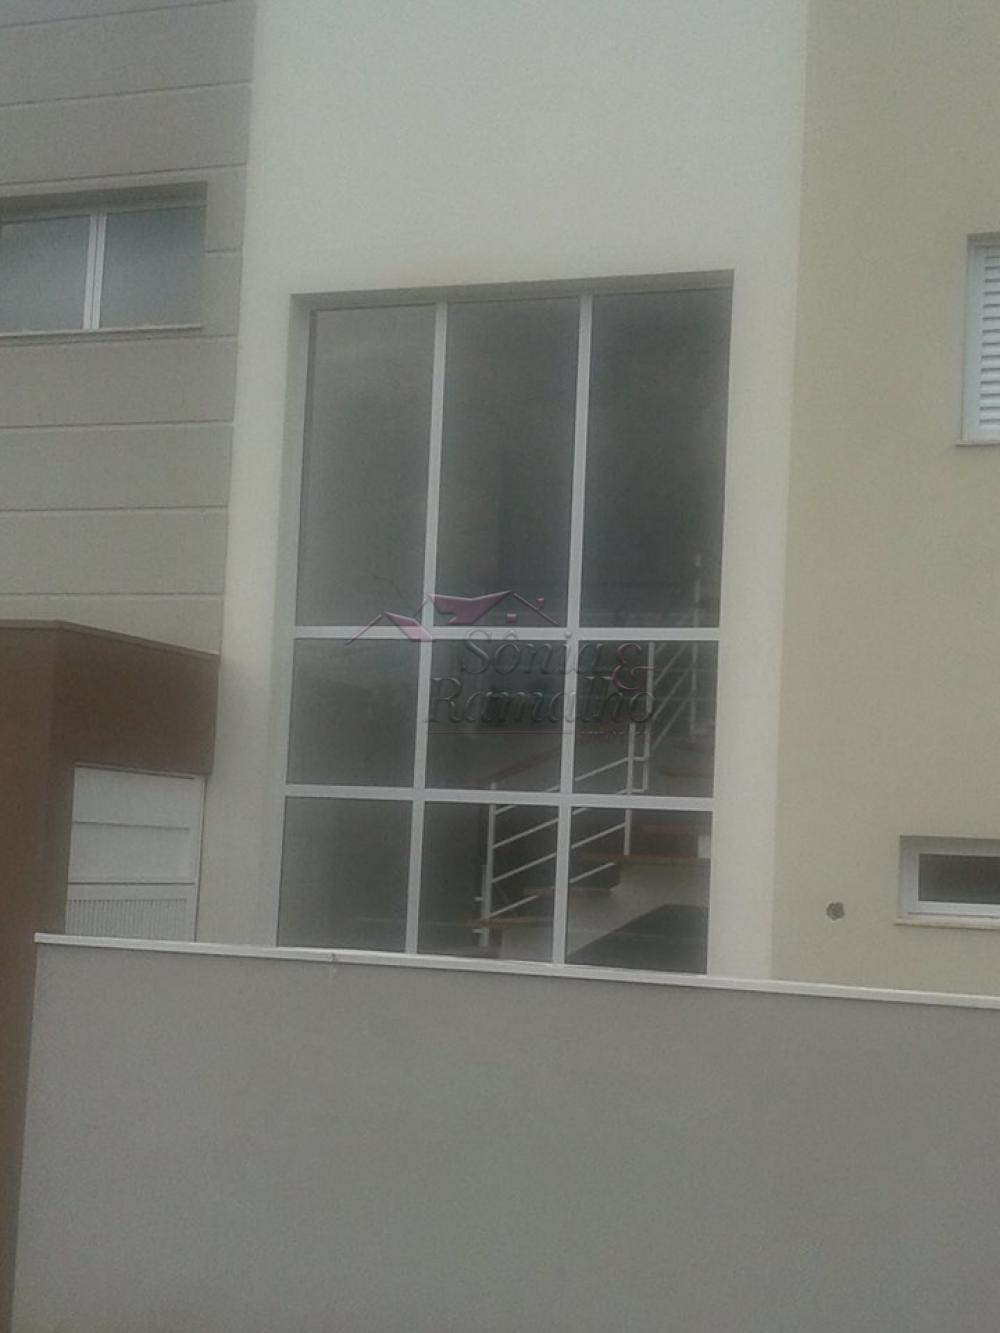 Comprar Casas / Condomínio em Ribeirão Preto apenas R$ 970.000,00 - Foto 3